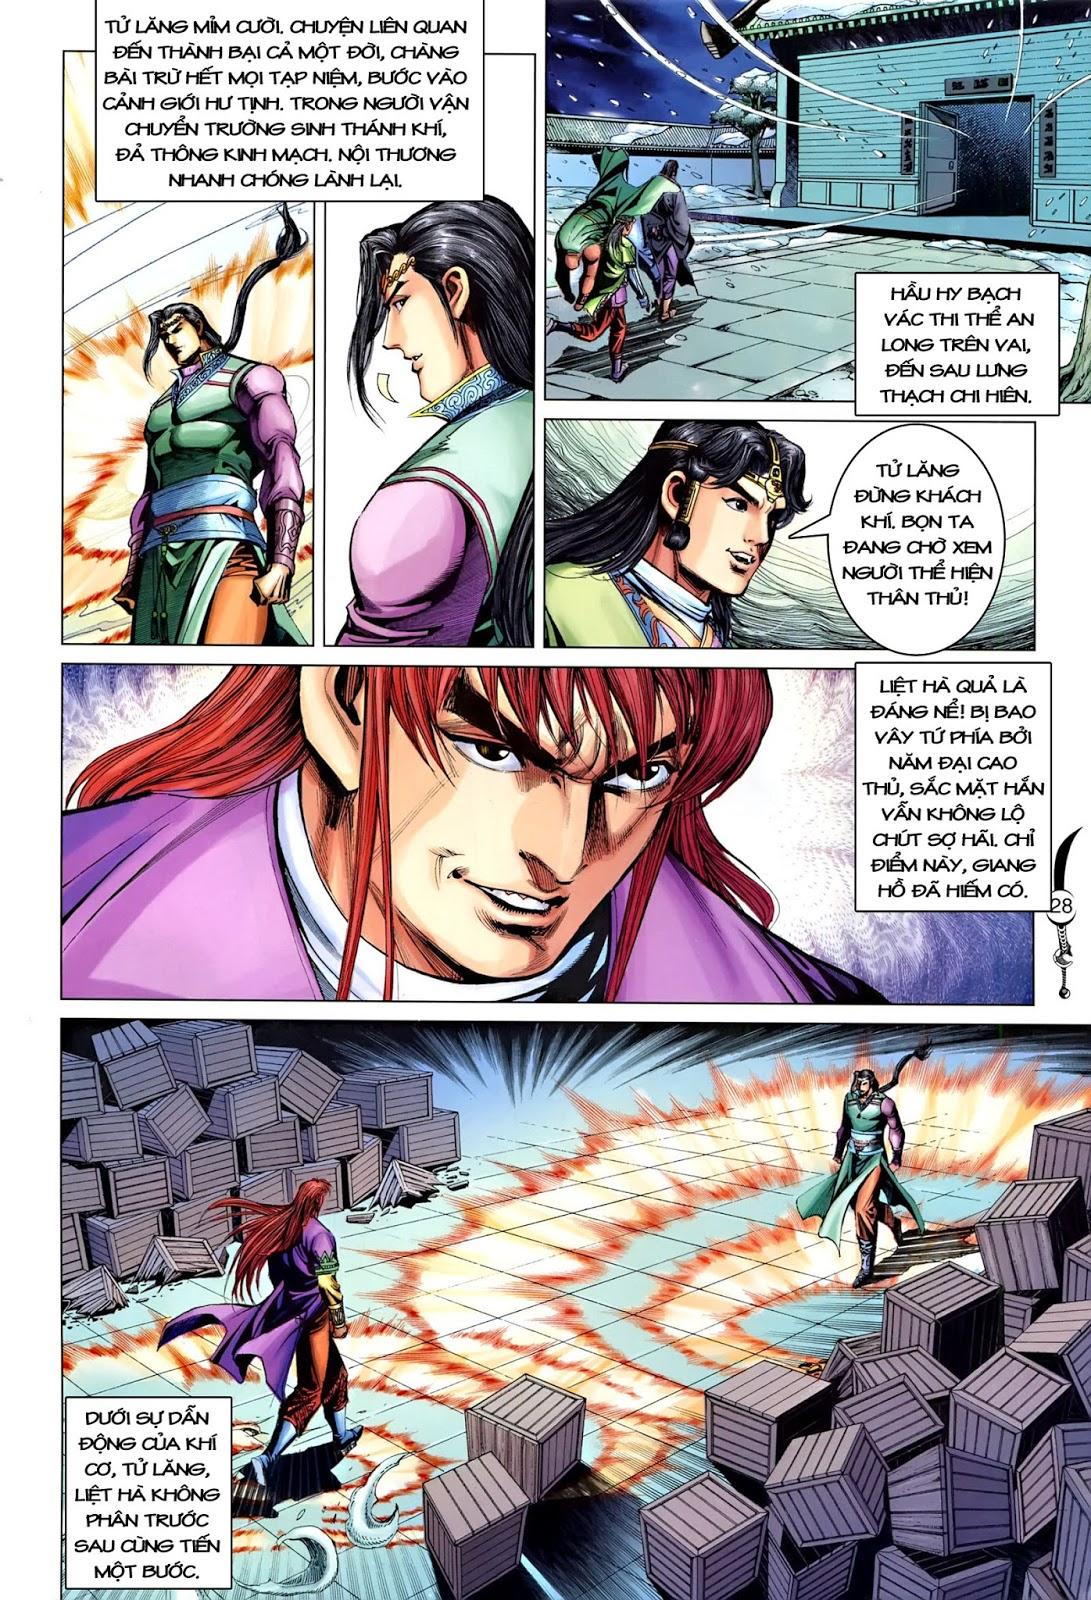 Đại Đường Song Long Truyện chap 218 - Trang 30